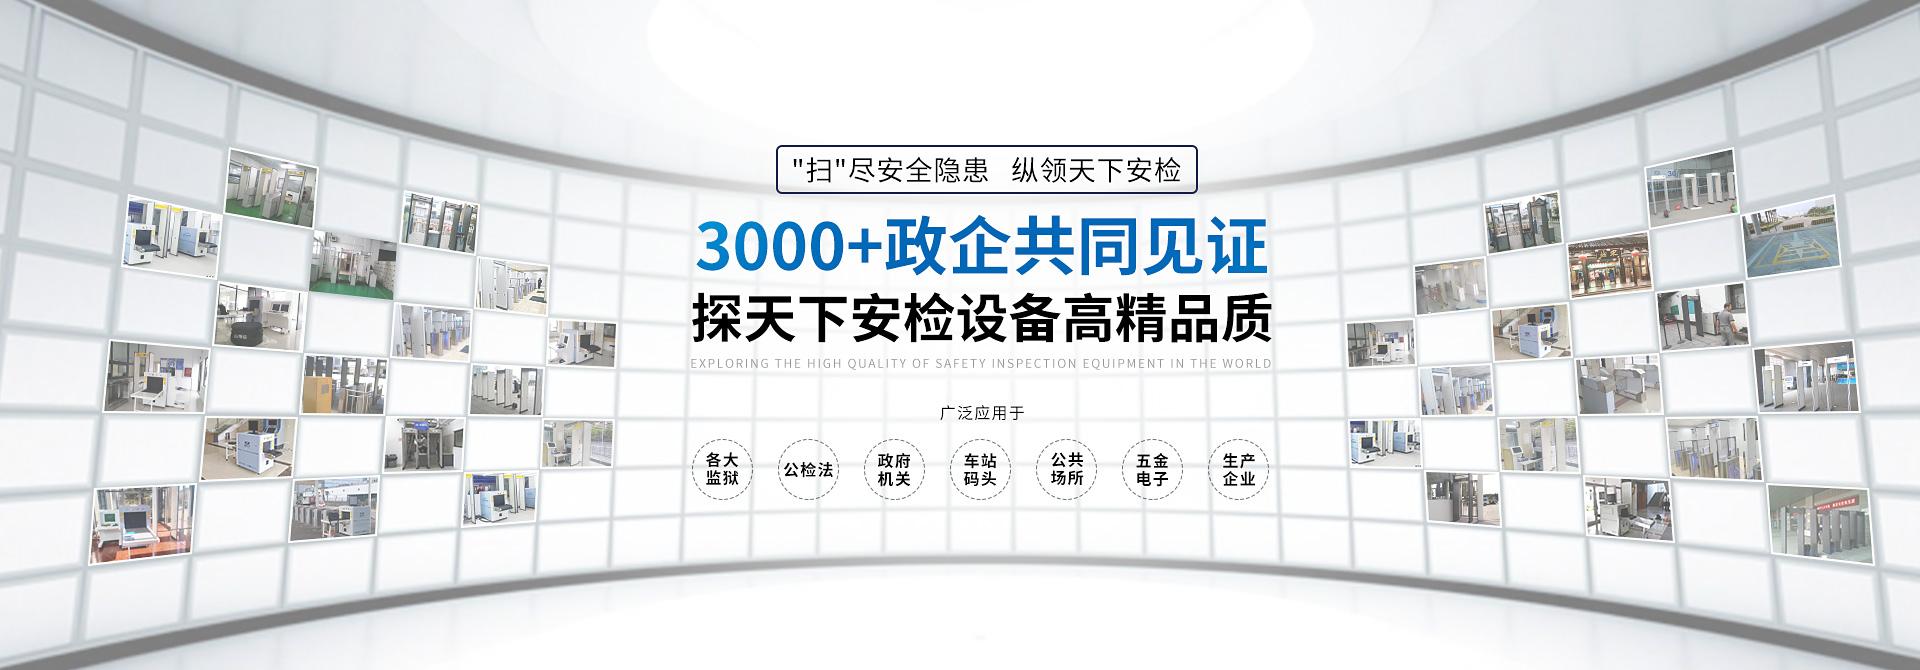 探天下服务3000+家政企用户,牵手500强企业。